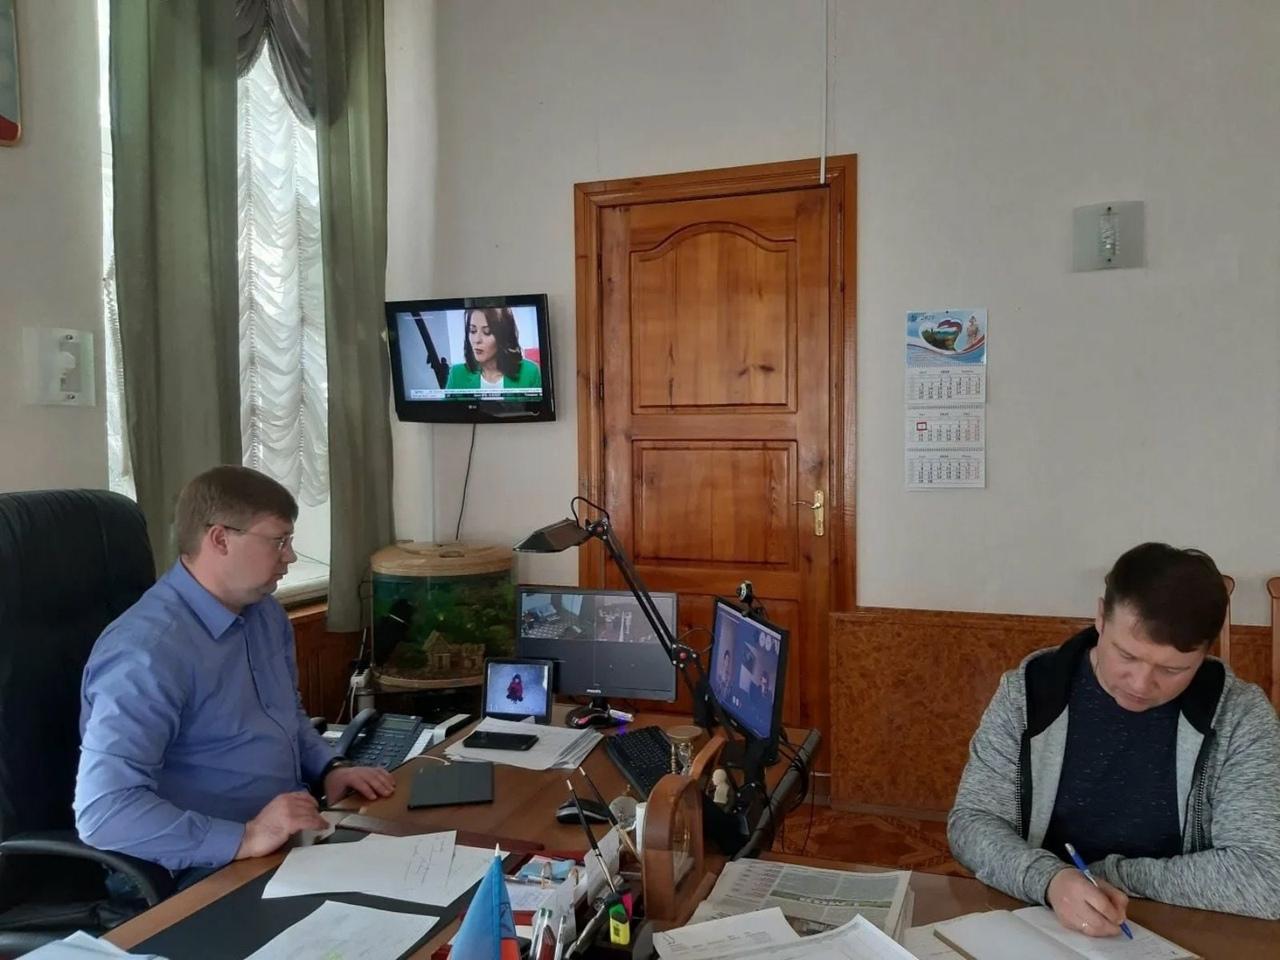 Сотрудники полиции и Роспотребнадзора усилят контроль над соблюдением петровчанами режима самоизоляции и ограничительных мер